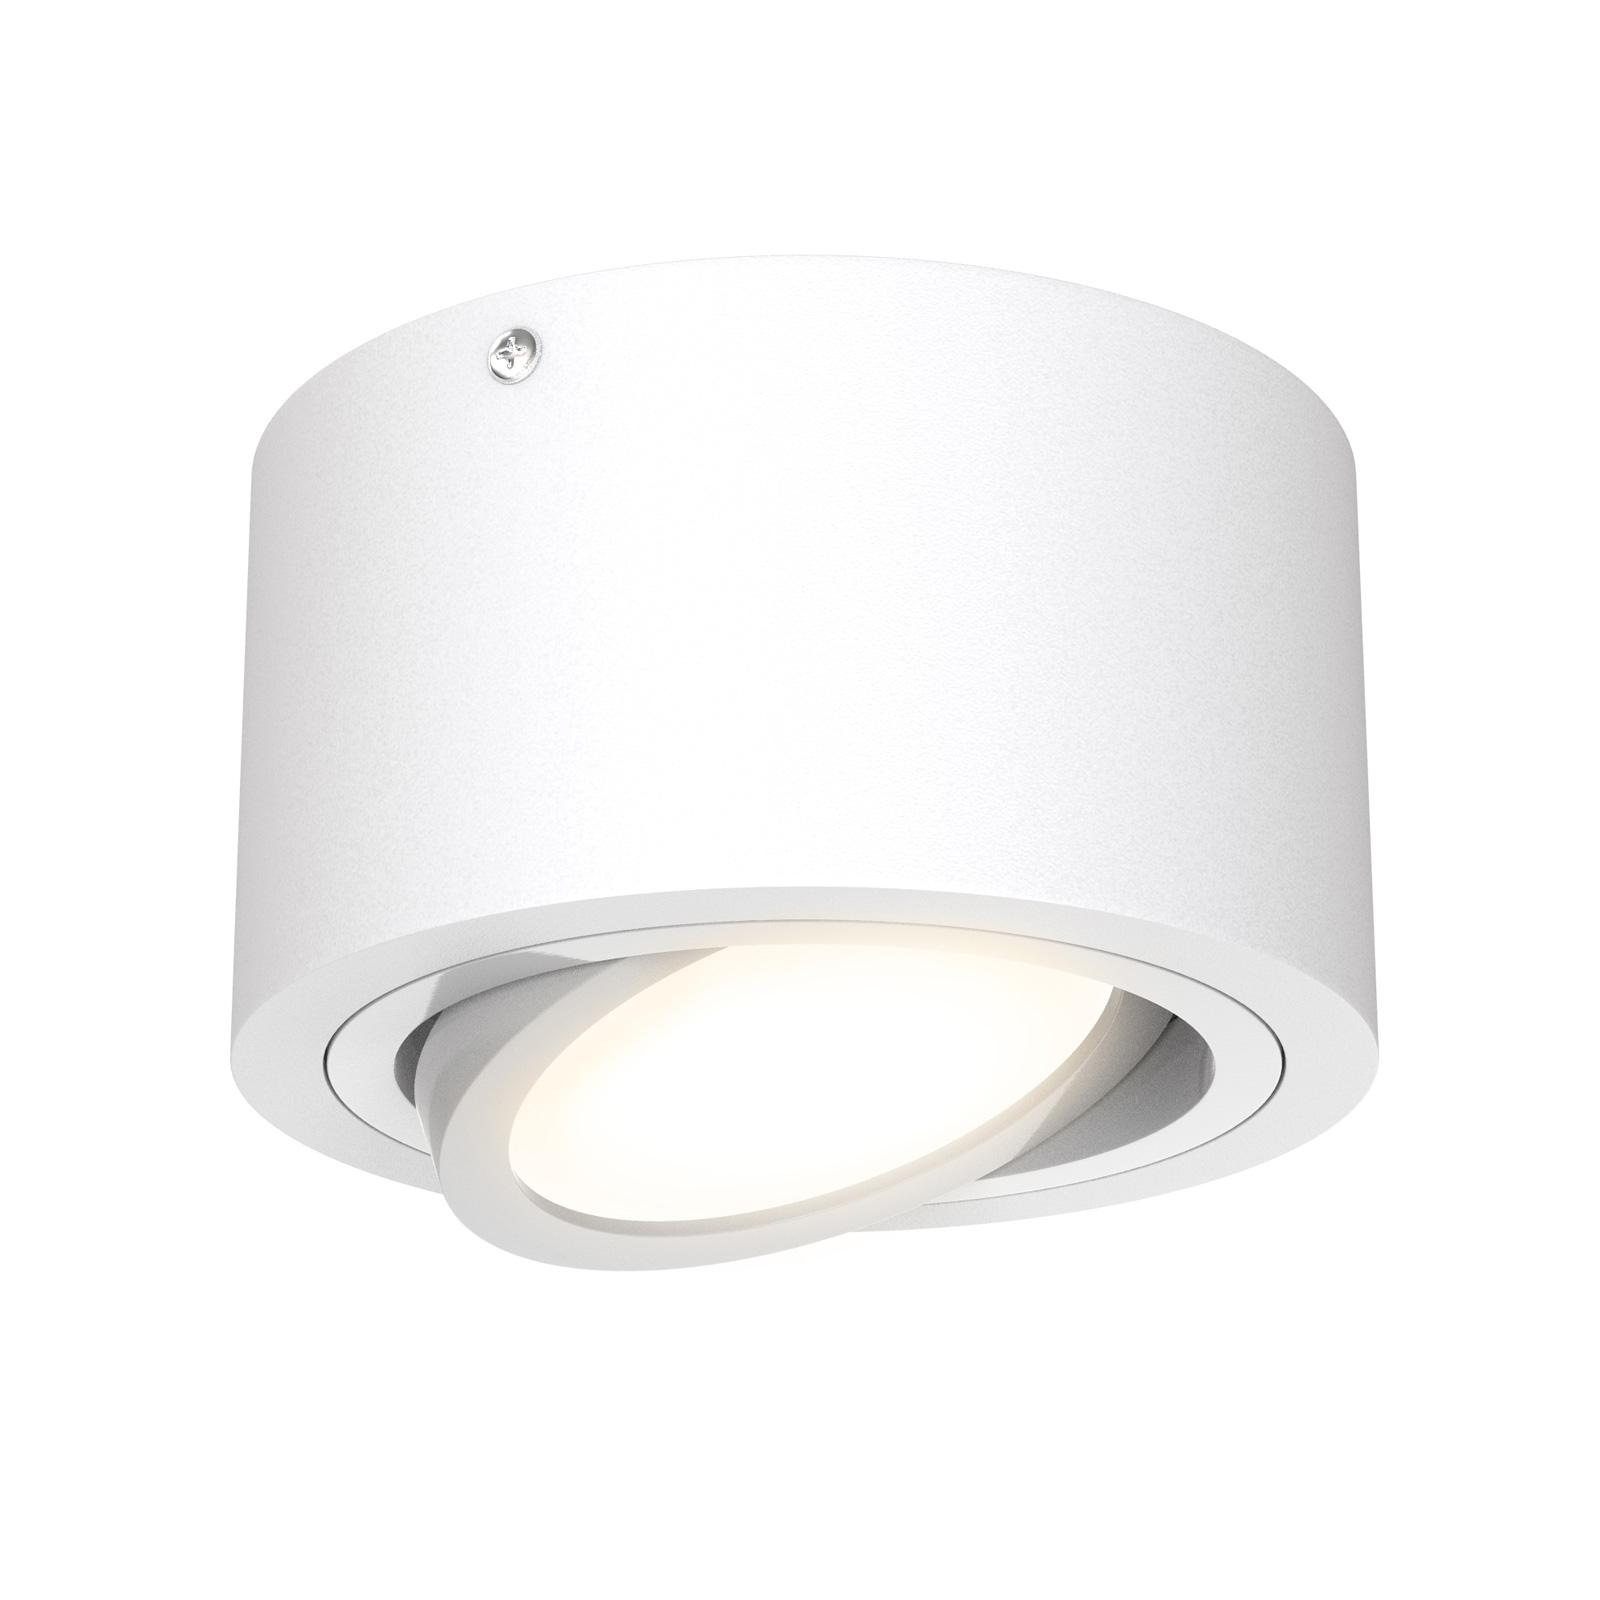 Tube 7121-016 LED-takspot i hvit